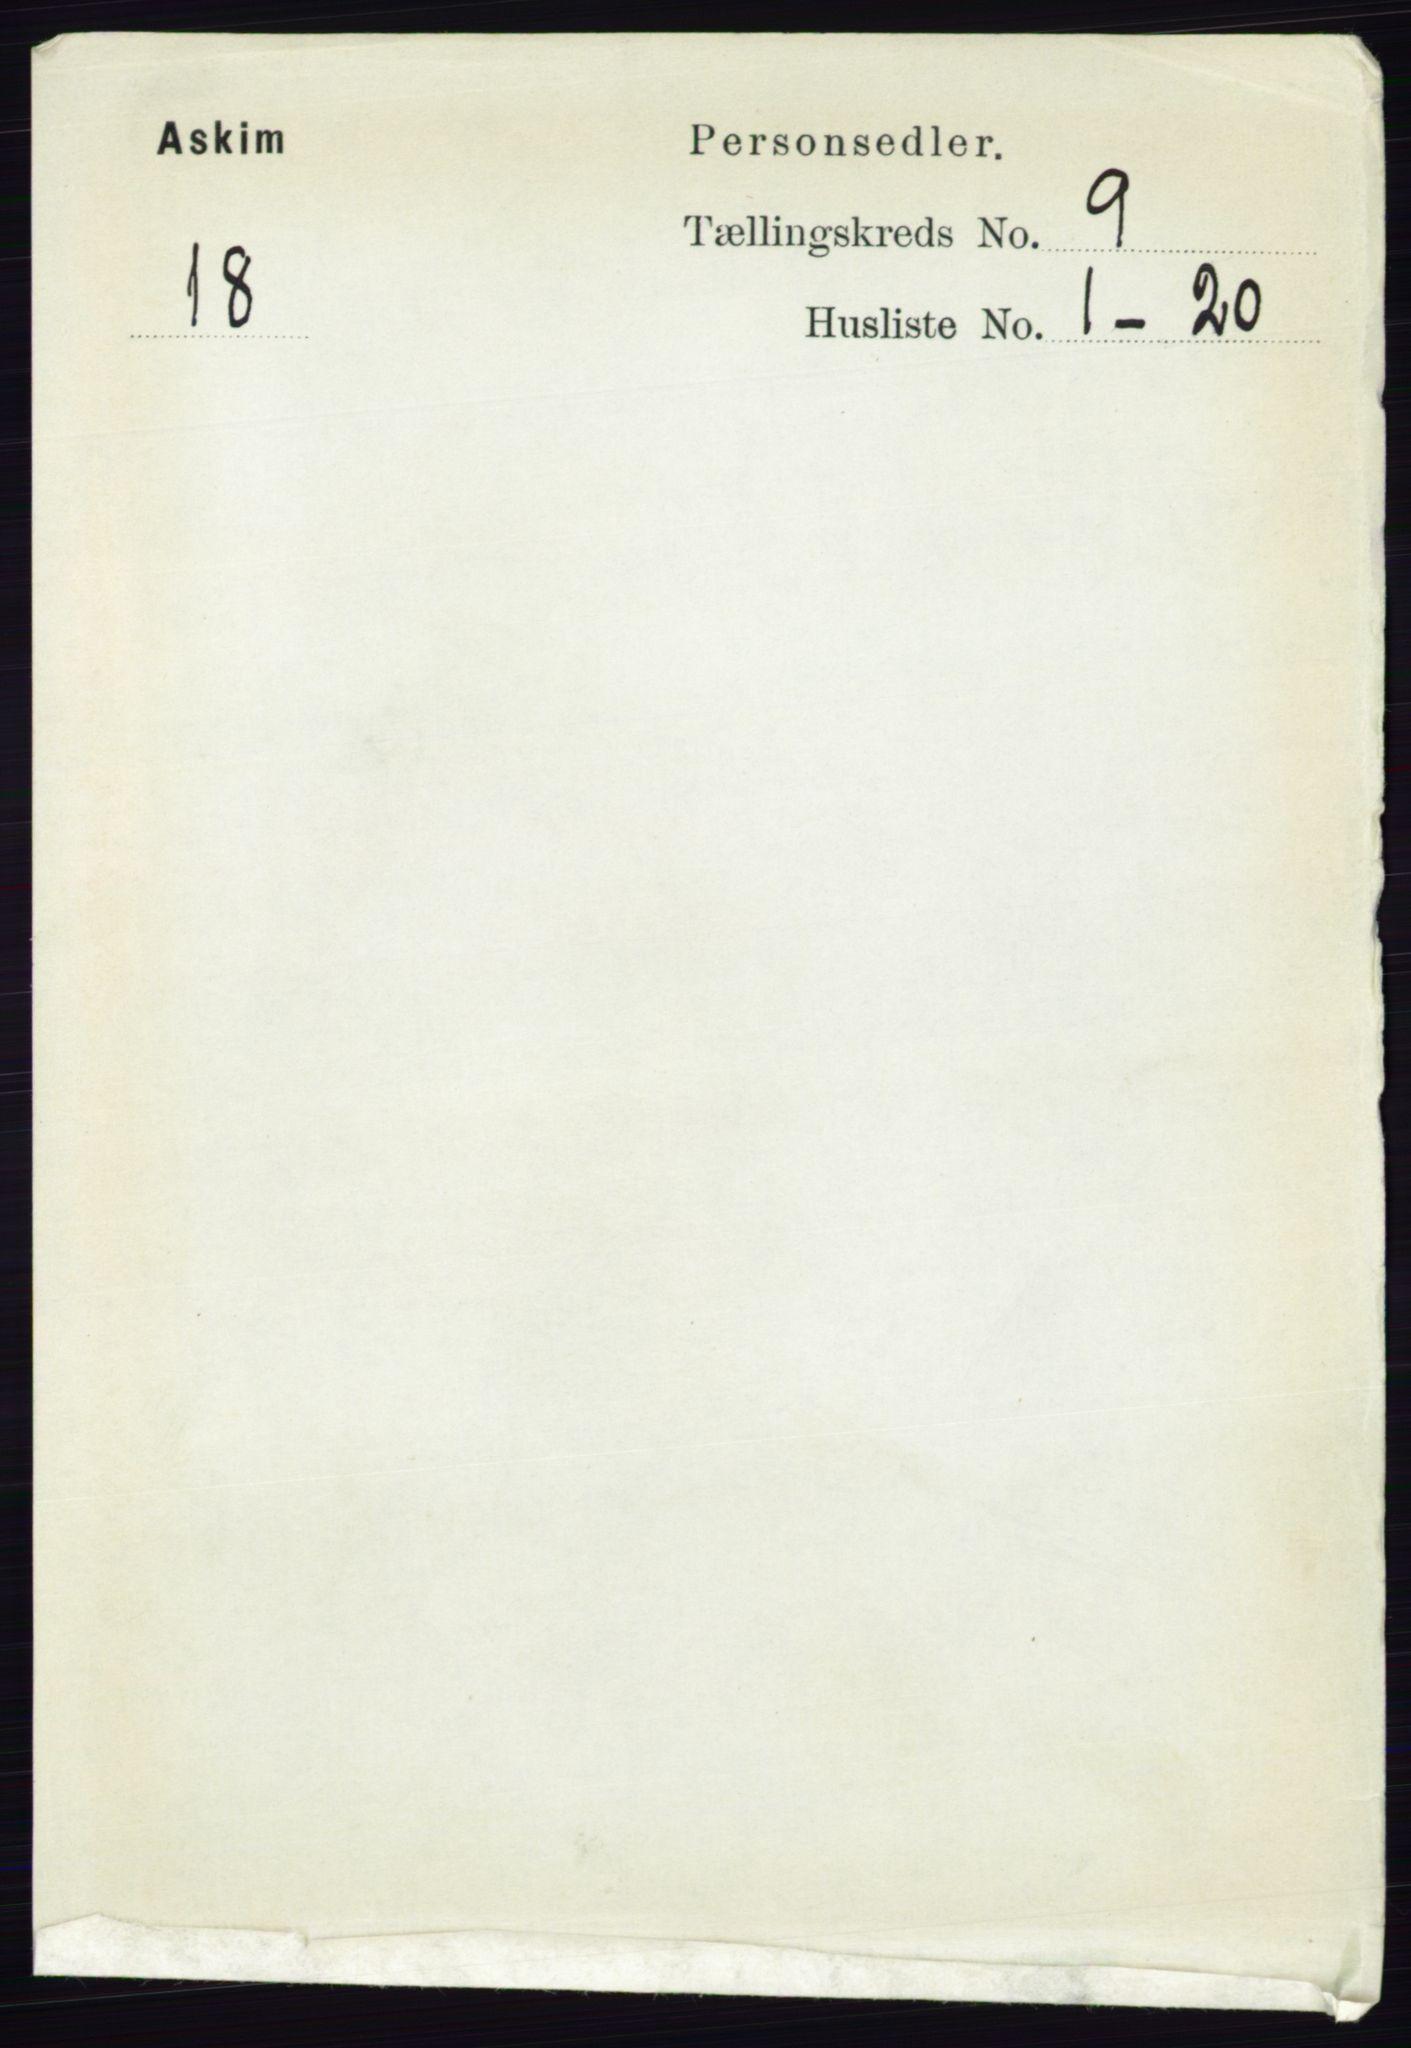 RA, Folketelling 1891 for 0124 Askim herred, 1891, s. 1463